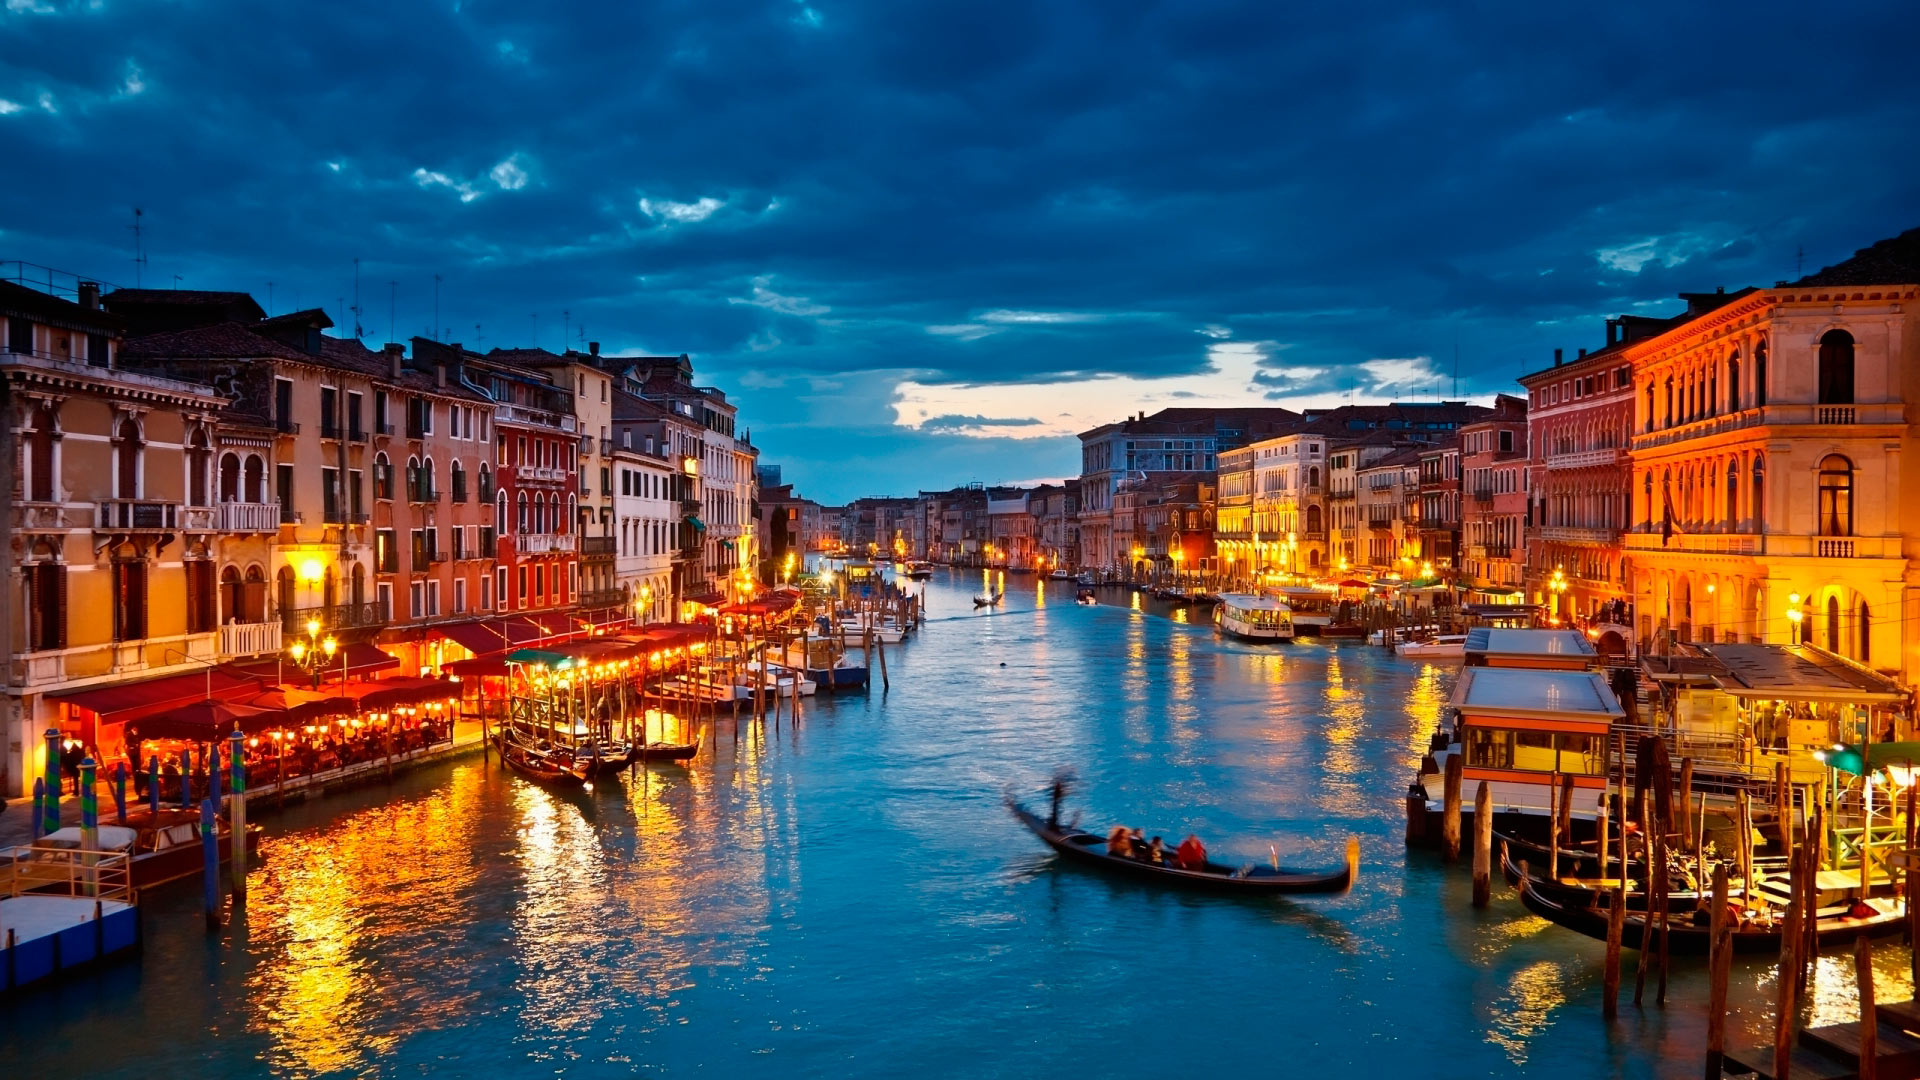 Venice City Italy 1920x1080